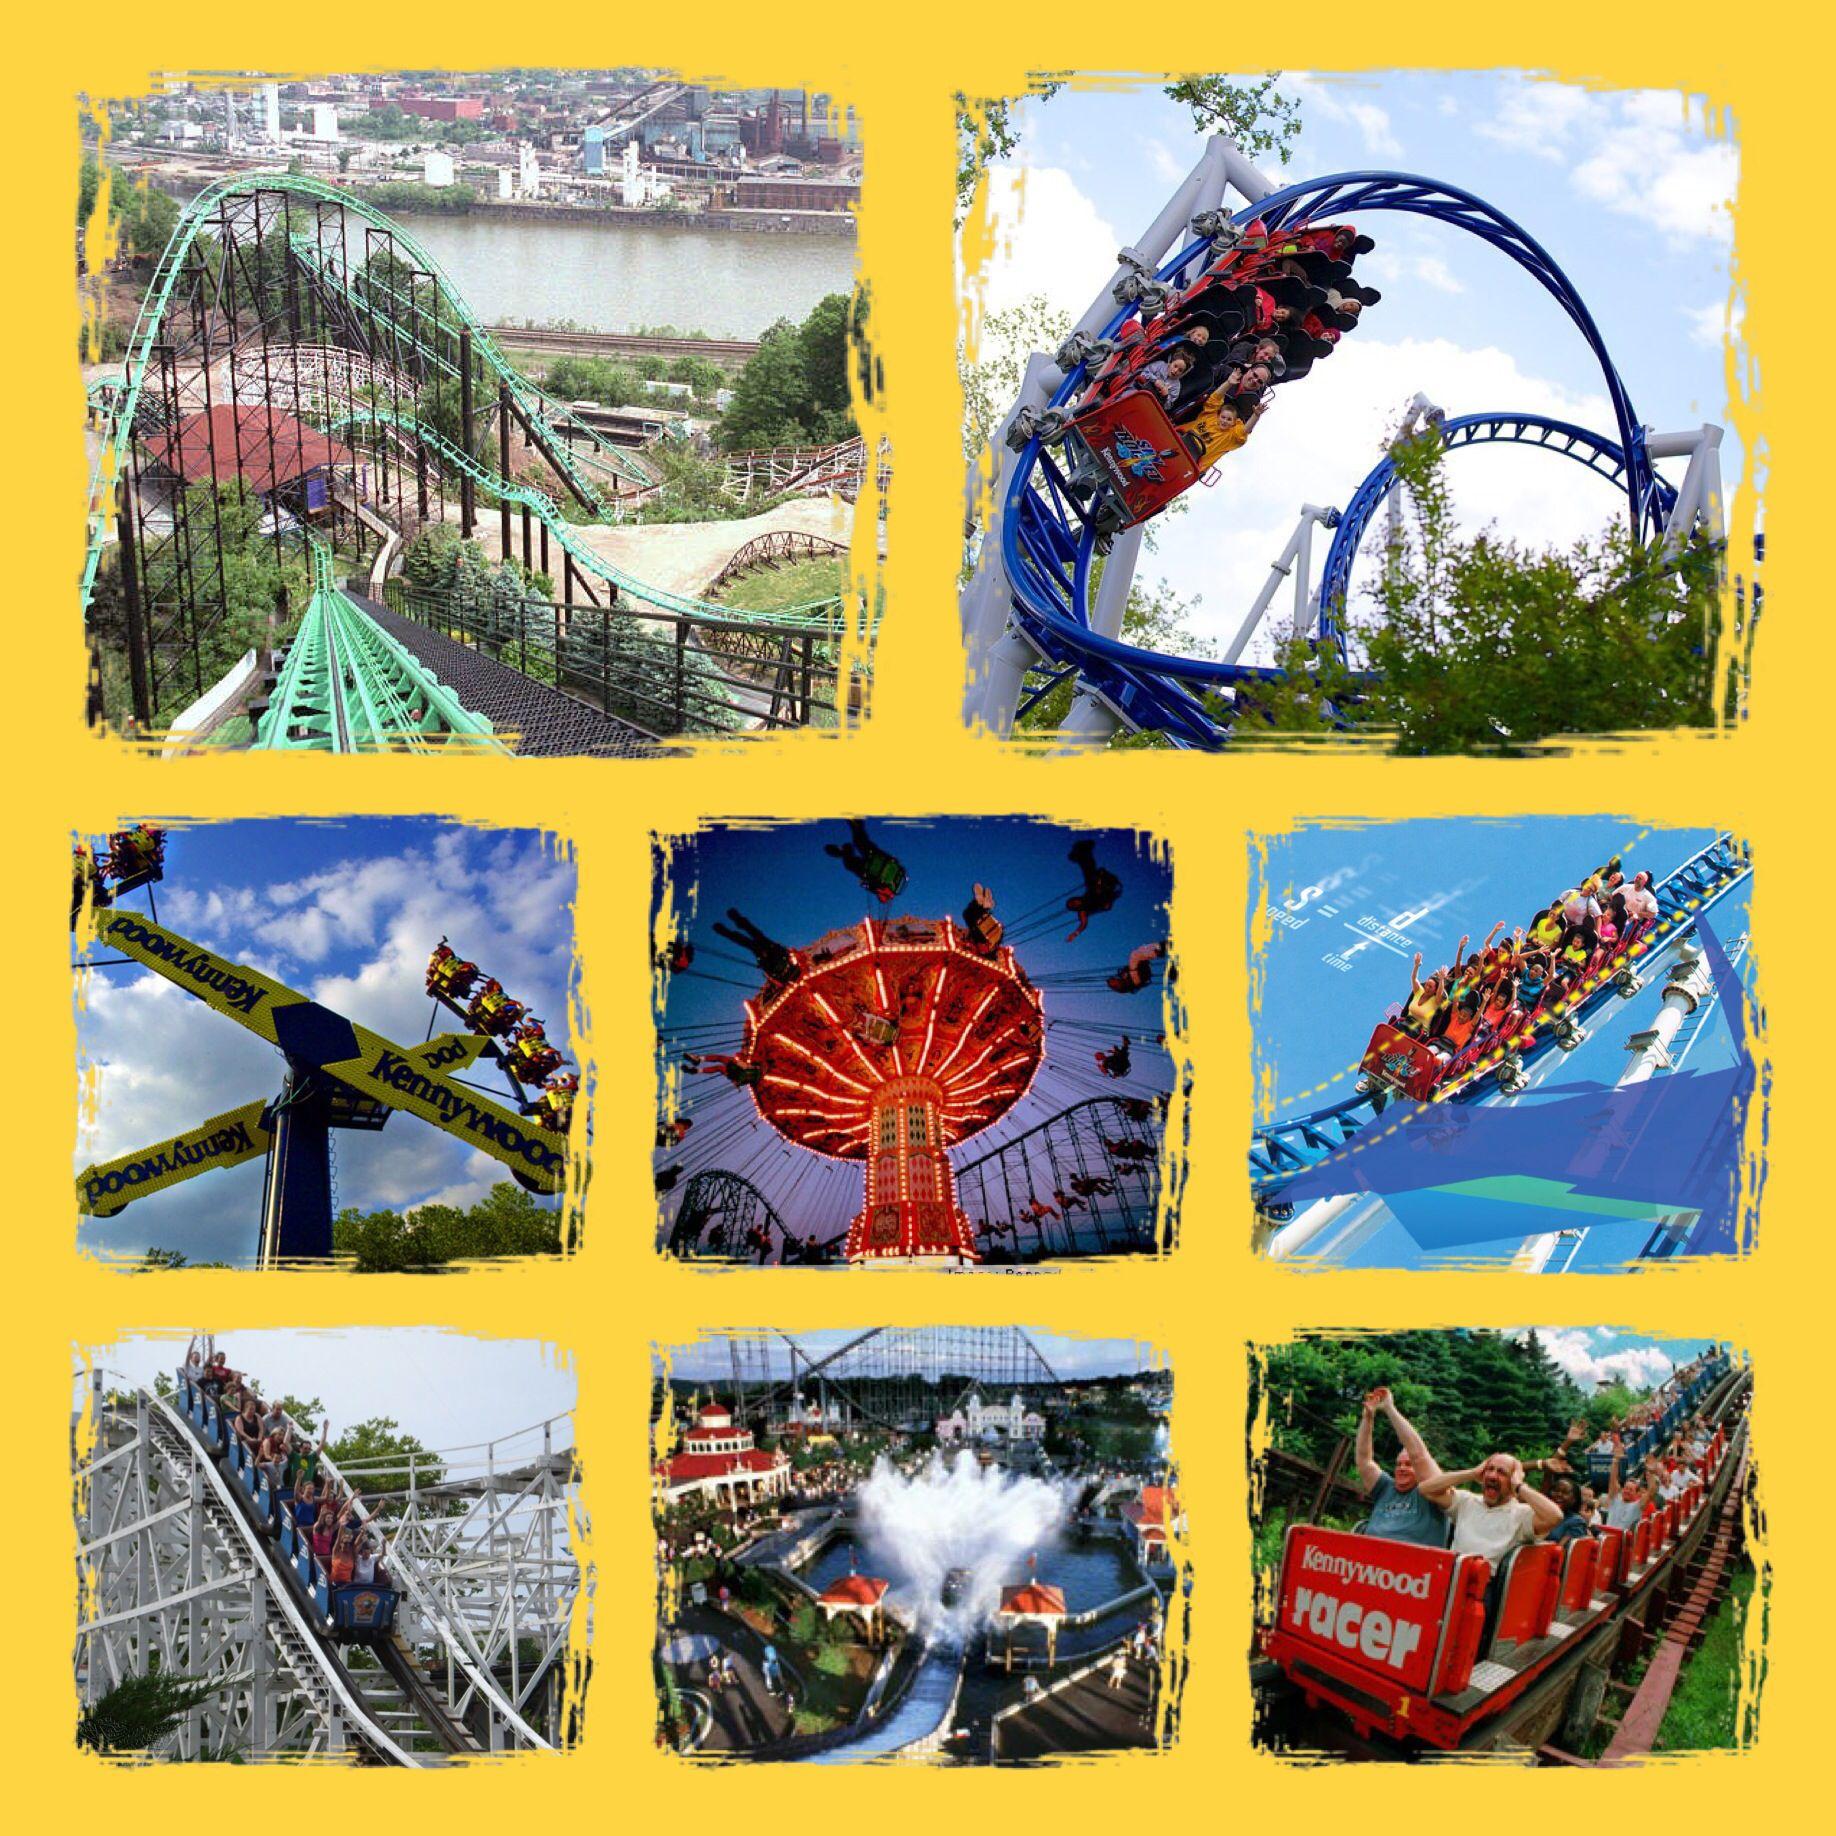 Amusement Park, Summer Fun, Amusement